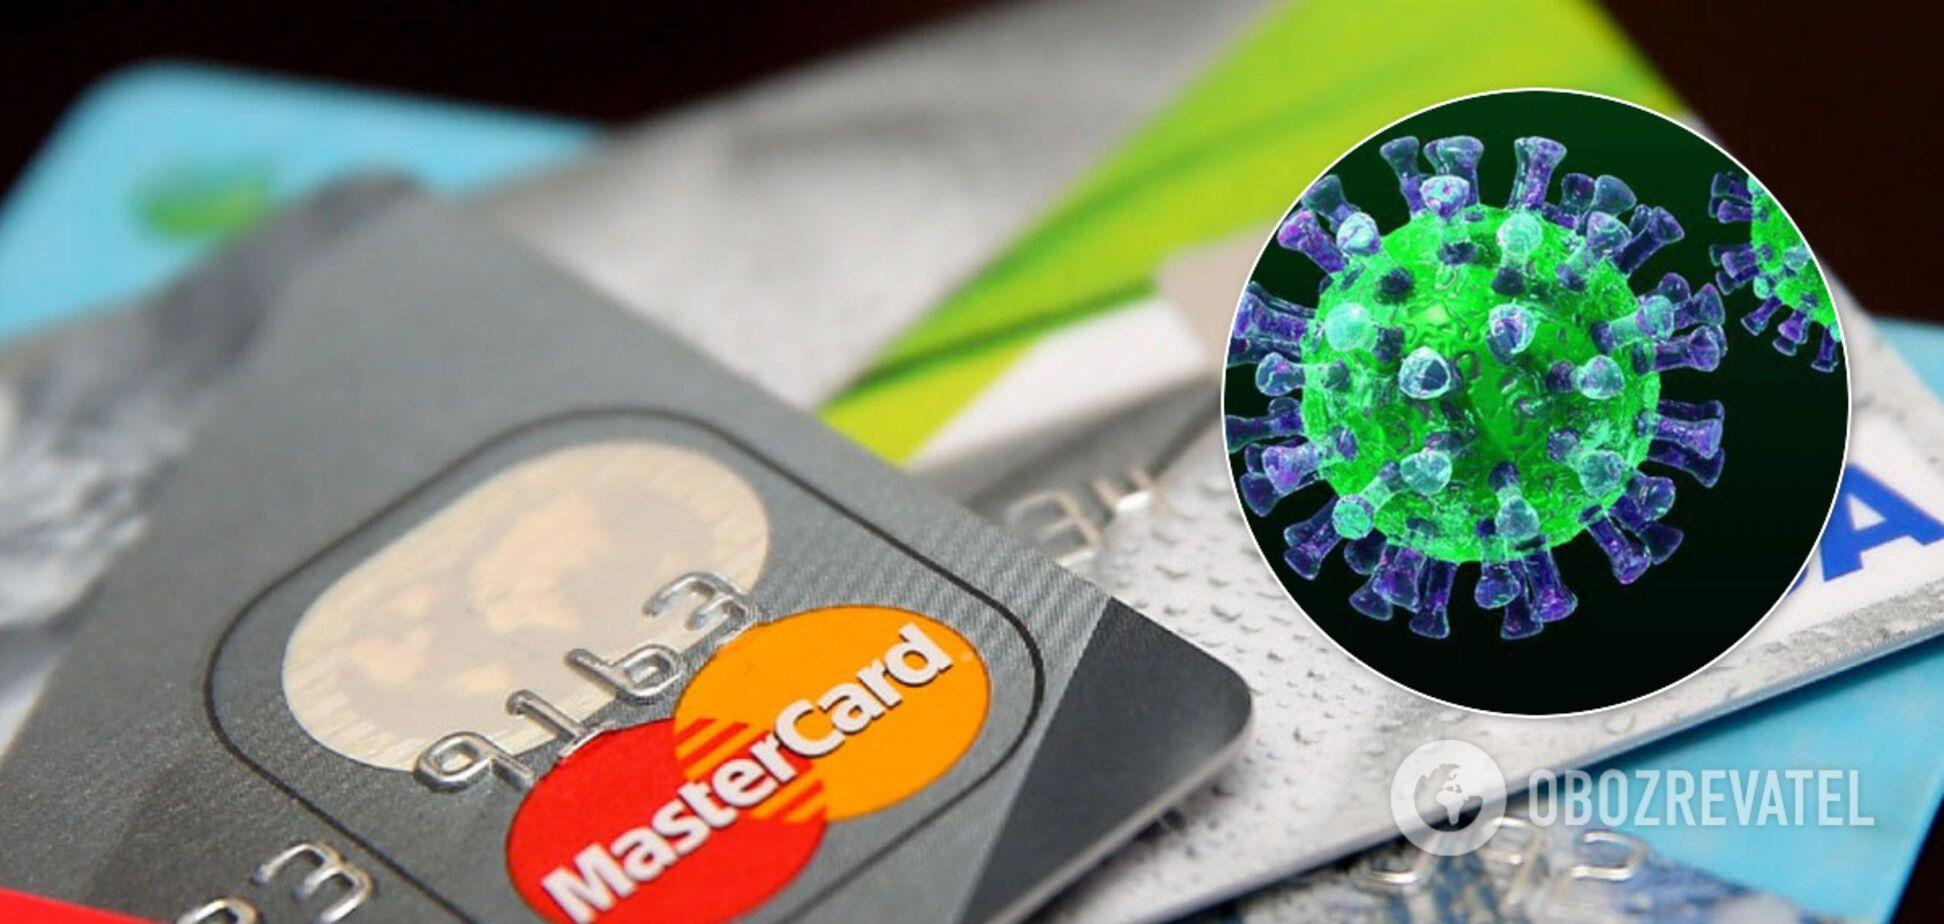 Украинцам банки разрешат пользоваться просроченными карточками